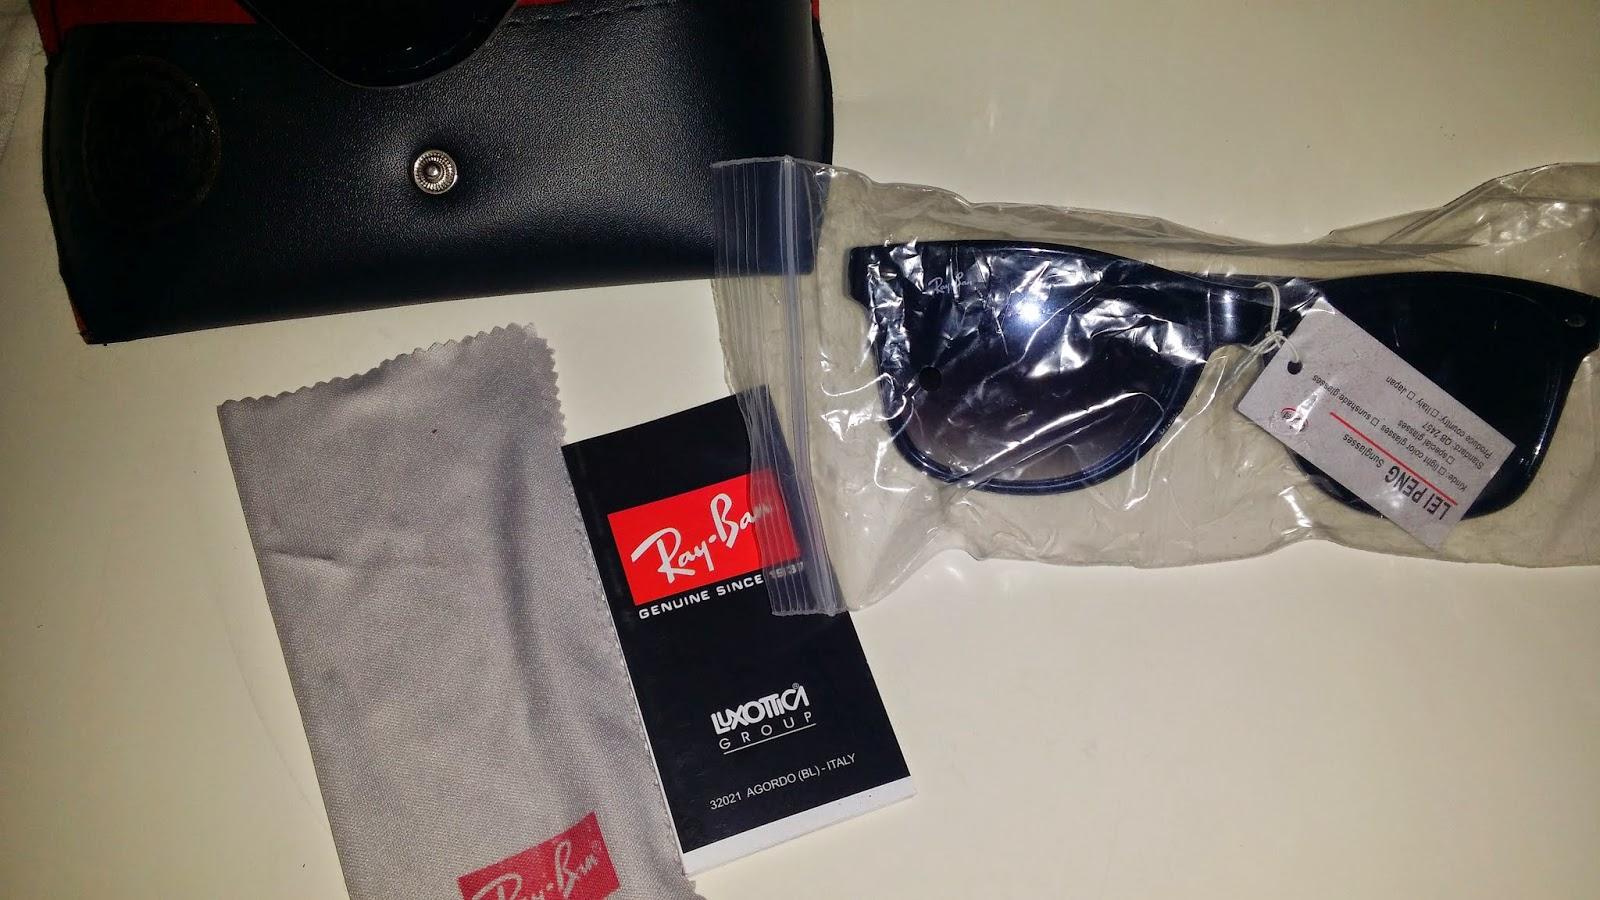 Hoy os traigo mi experiencia con unas gafas de imitación de ray-ban que me  vendieron como originales. Esto es lo que me llegó  28cc4f0081